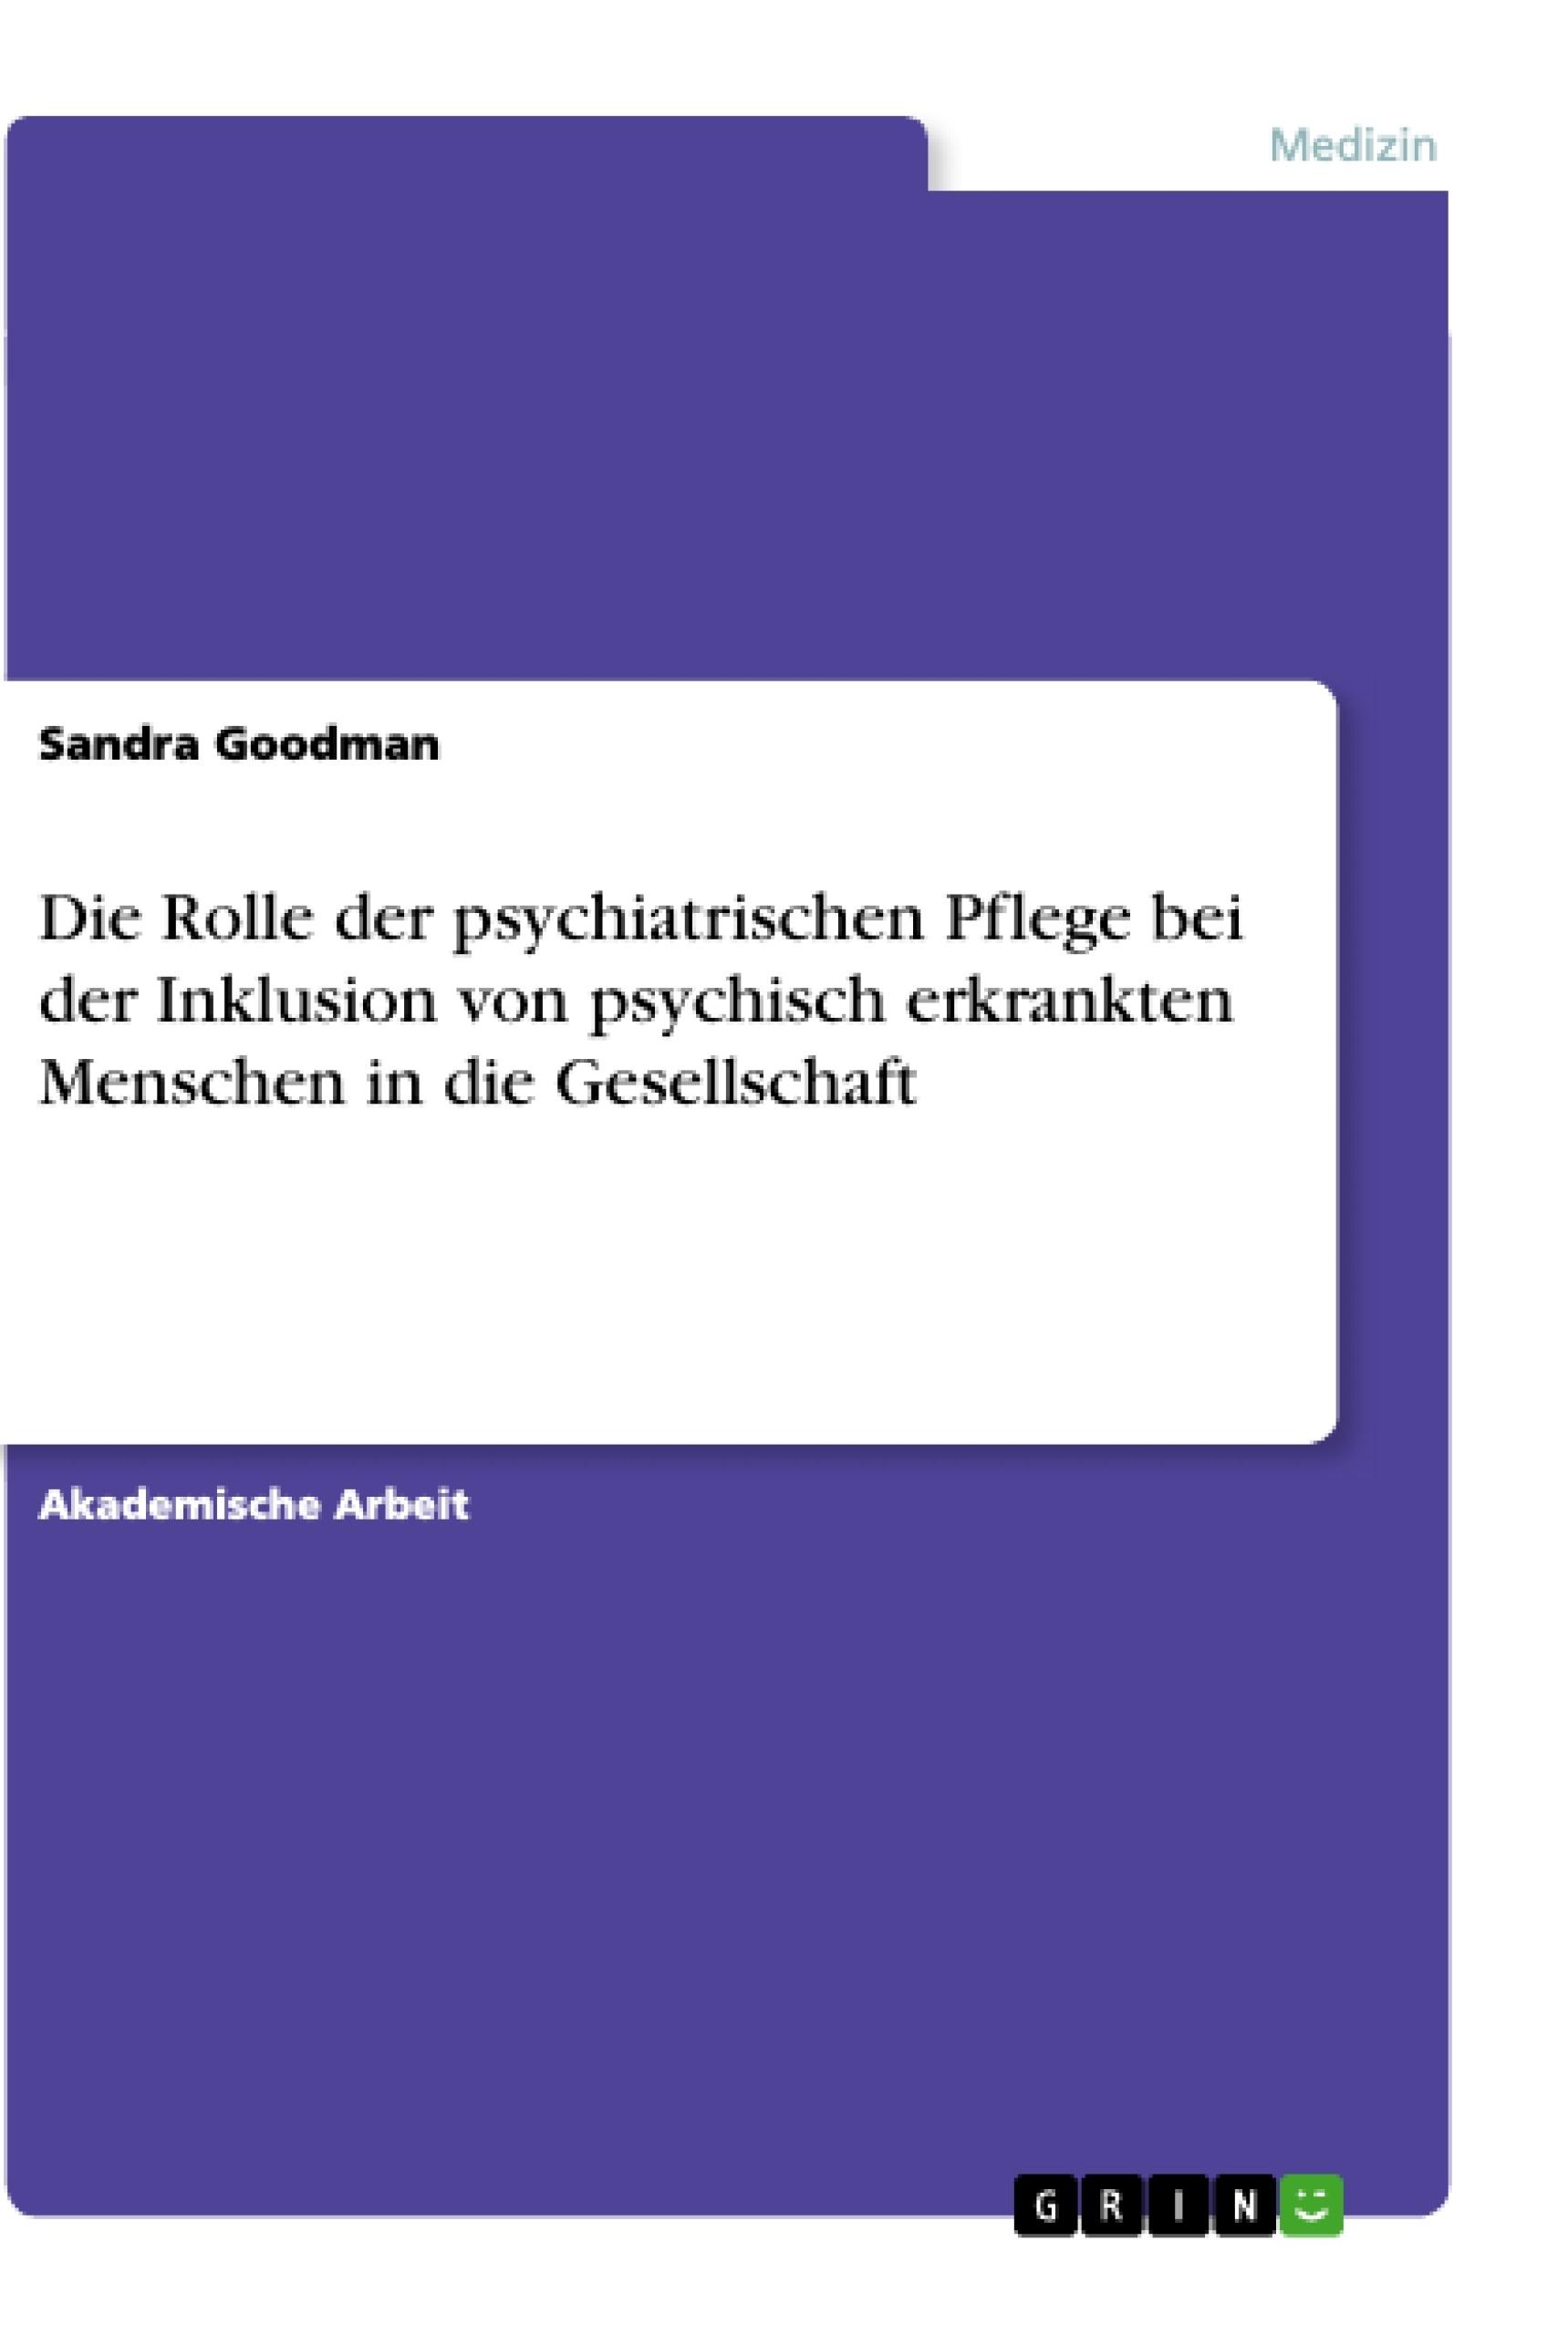 Titel: Die Rolle der psychiatrischen Pflege bei der Inklusion von psychisch erkrankten Menschen in die Gesellschaft